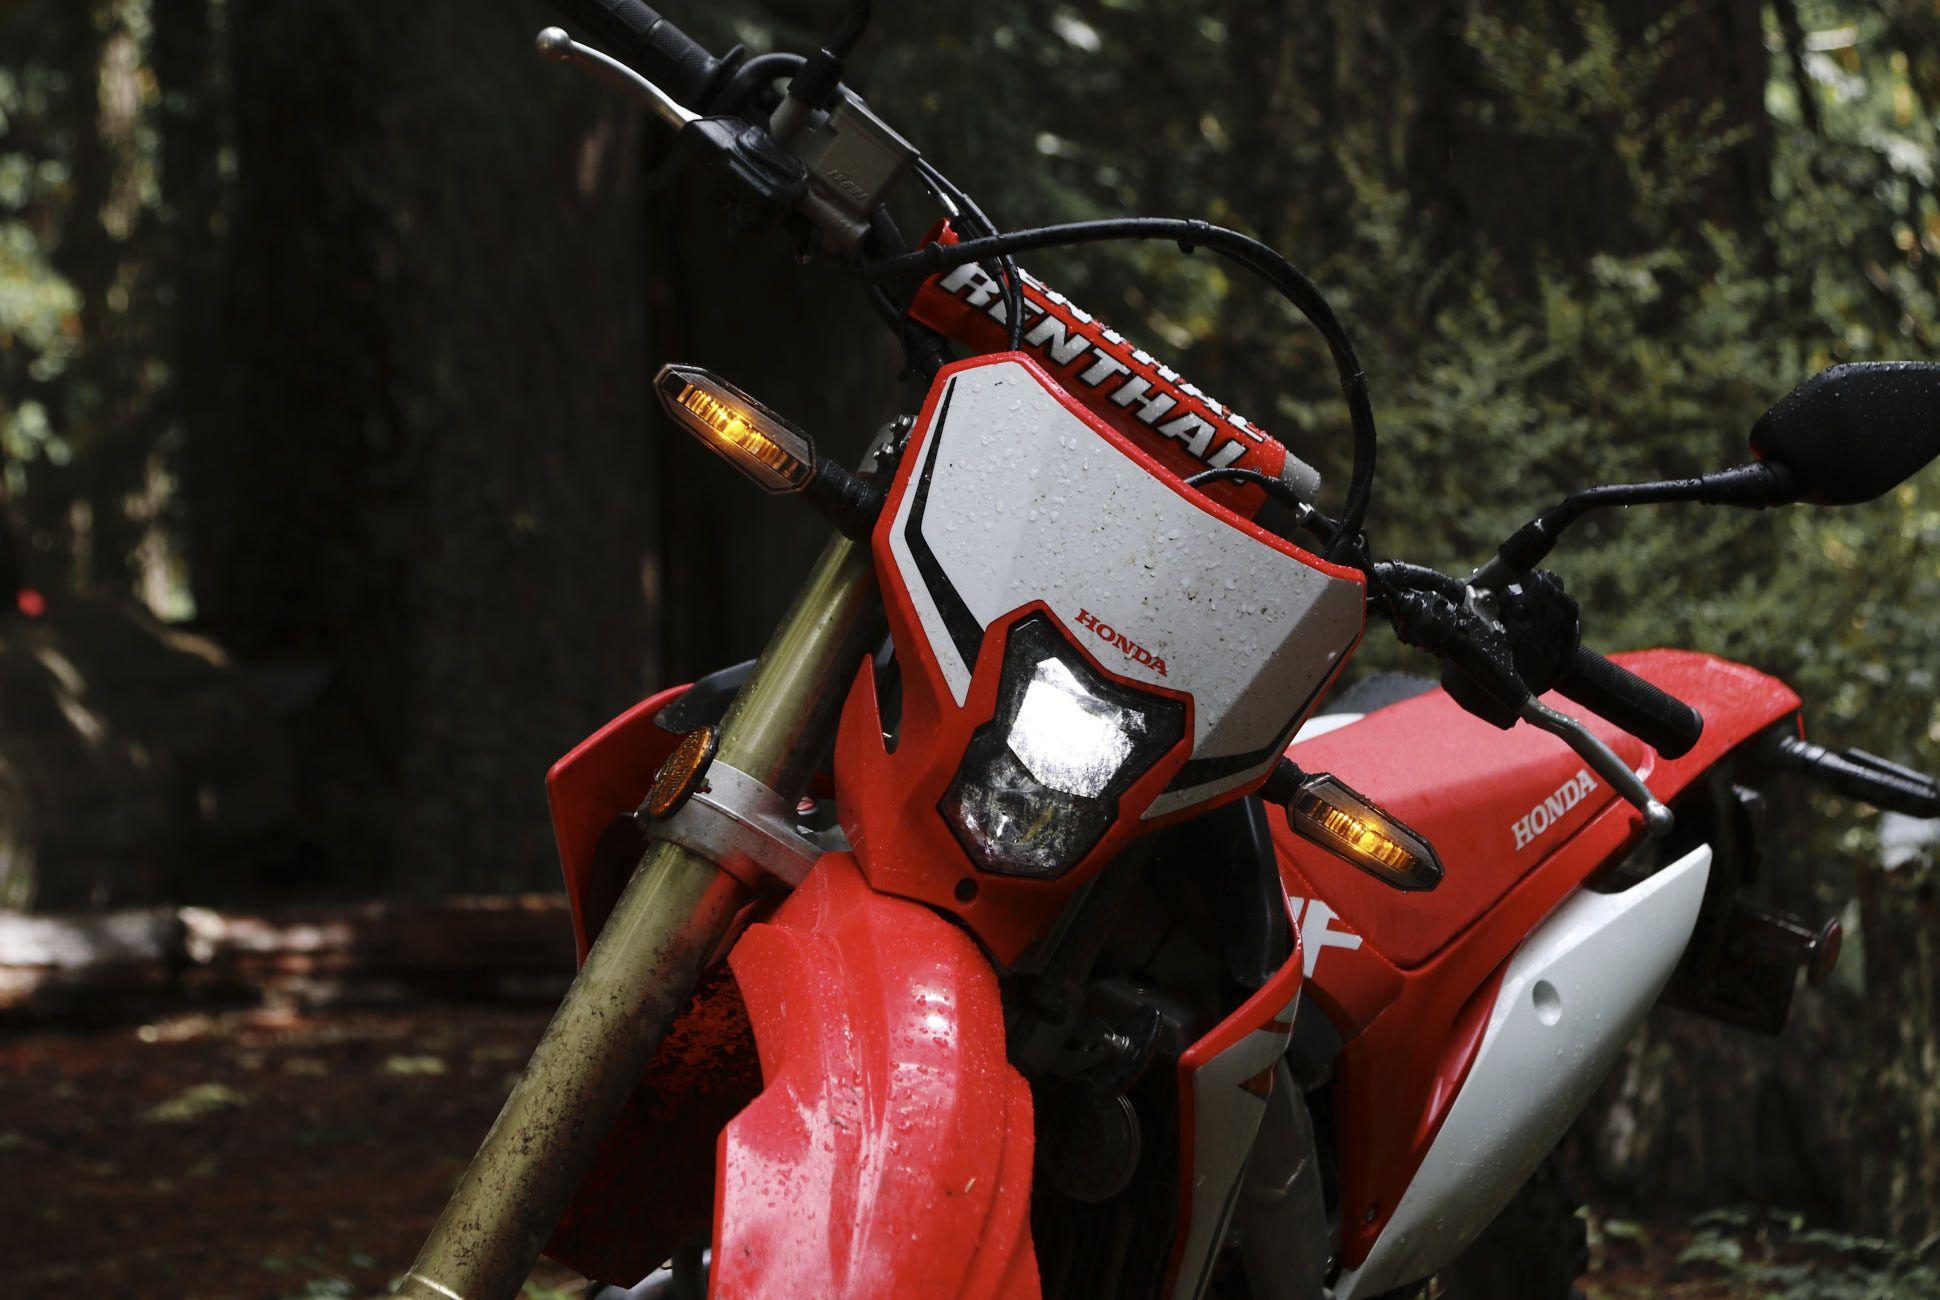 Honda-CRF-450L-Gear-Patrol-Slide-2